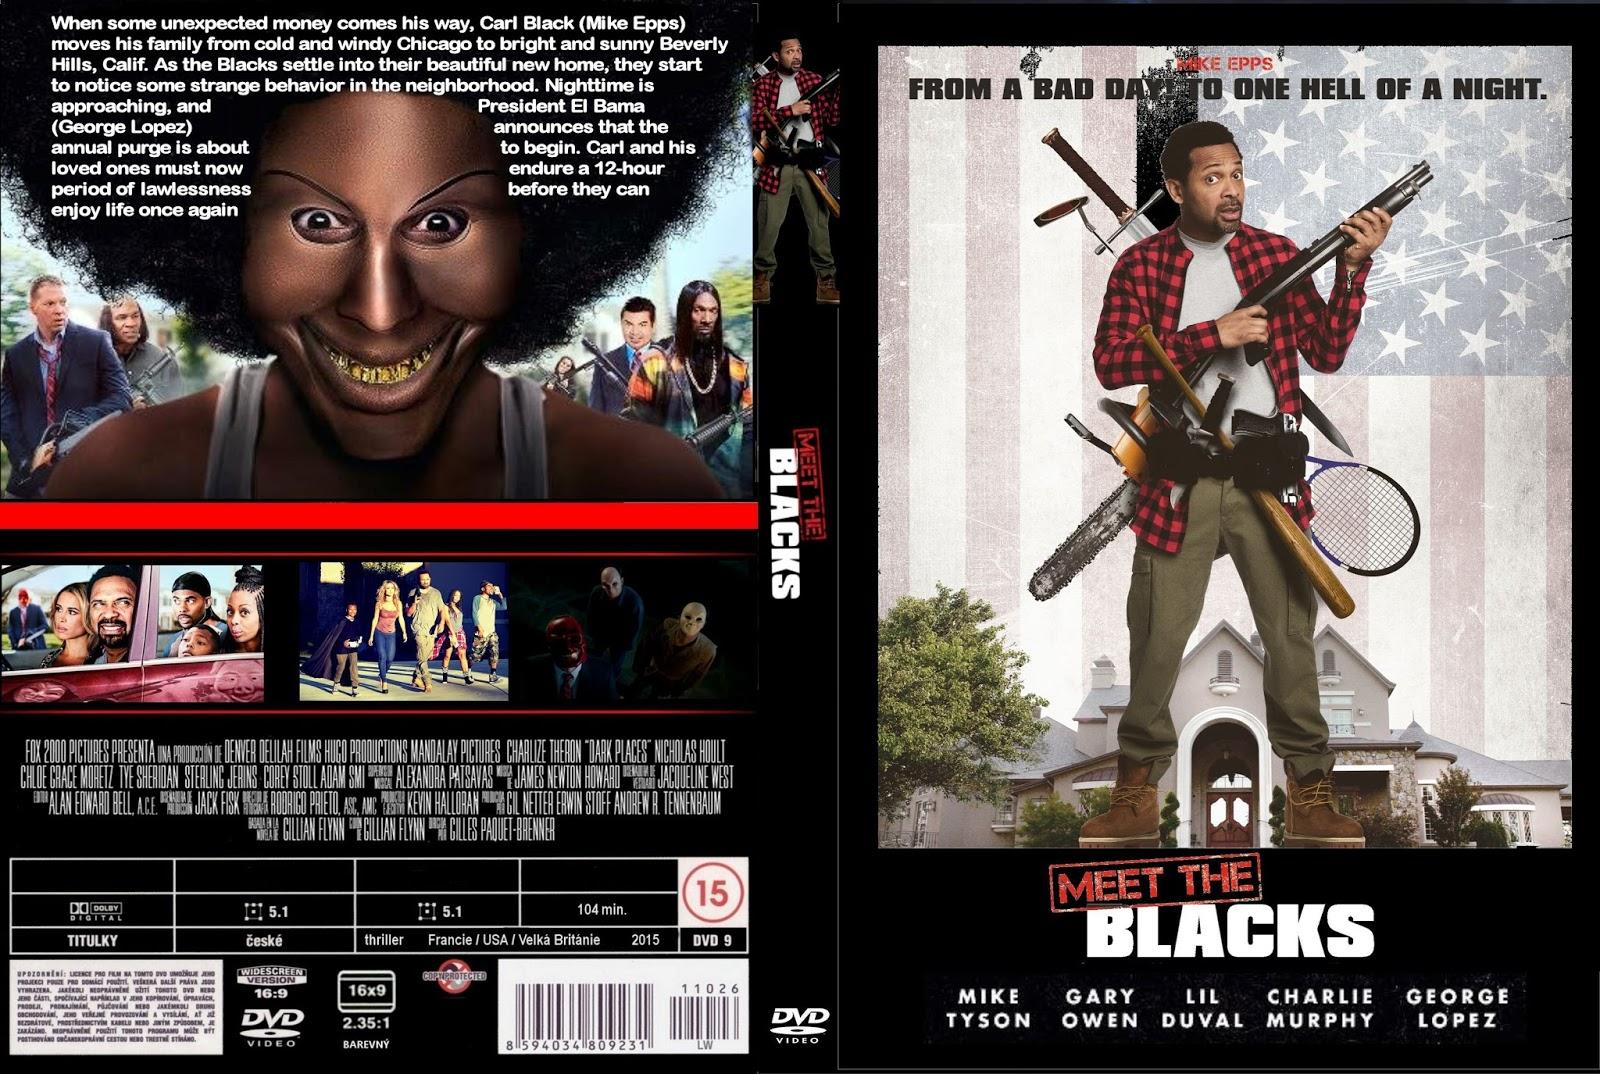 Download Uma Noite com a Família Blacks BDRip Dual Áudio Download Uma Noite com a Família Blacks BDRip Dual Áudio Meet 2Bthe 2BBlacks 2B  2BXANDAODOWNLOAD